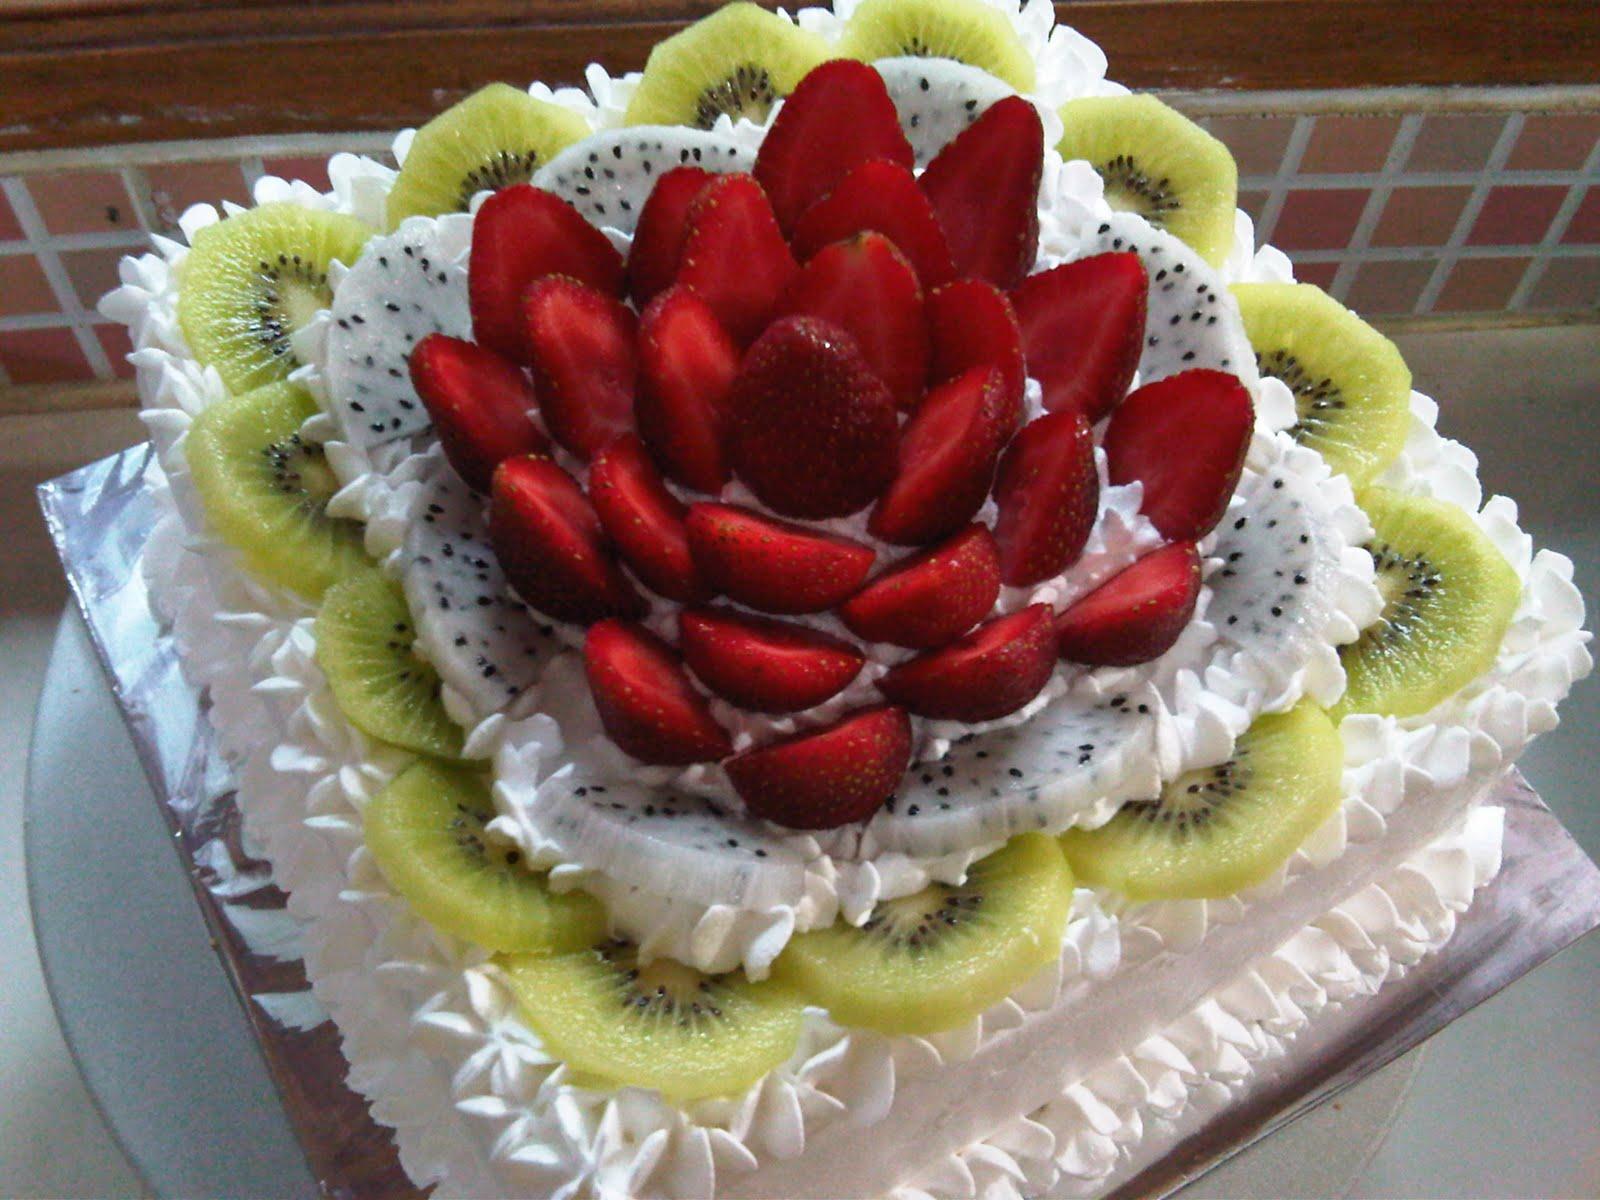 http://3.bp.blogspot.com/_tatV6r7gfXw/SwJmoknA72I/AAAAAAAAAi8/Q1qJ4lp94e0/s1600/Fruits%20Cake%20-%20Strawbery%20Kiwi.jpg